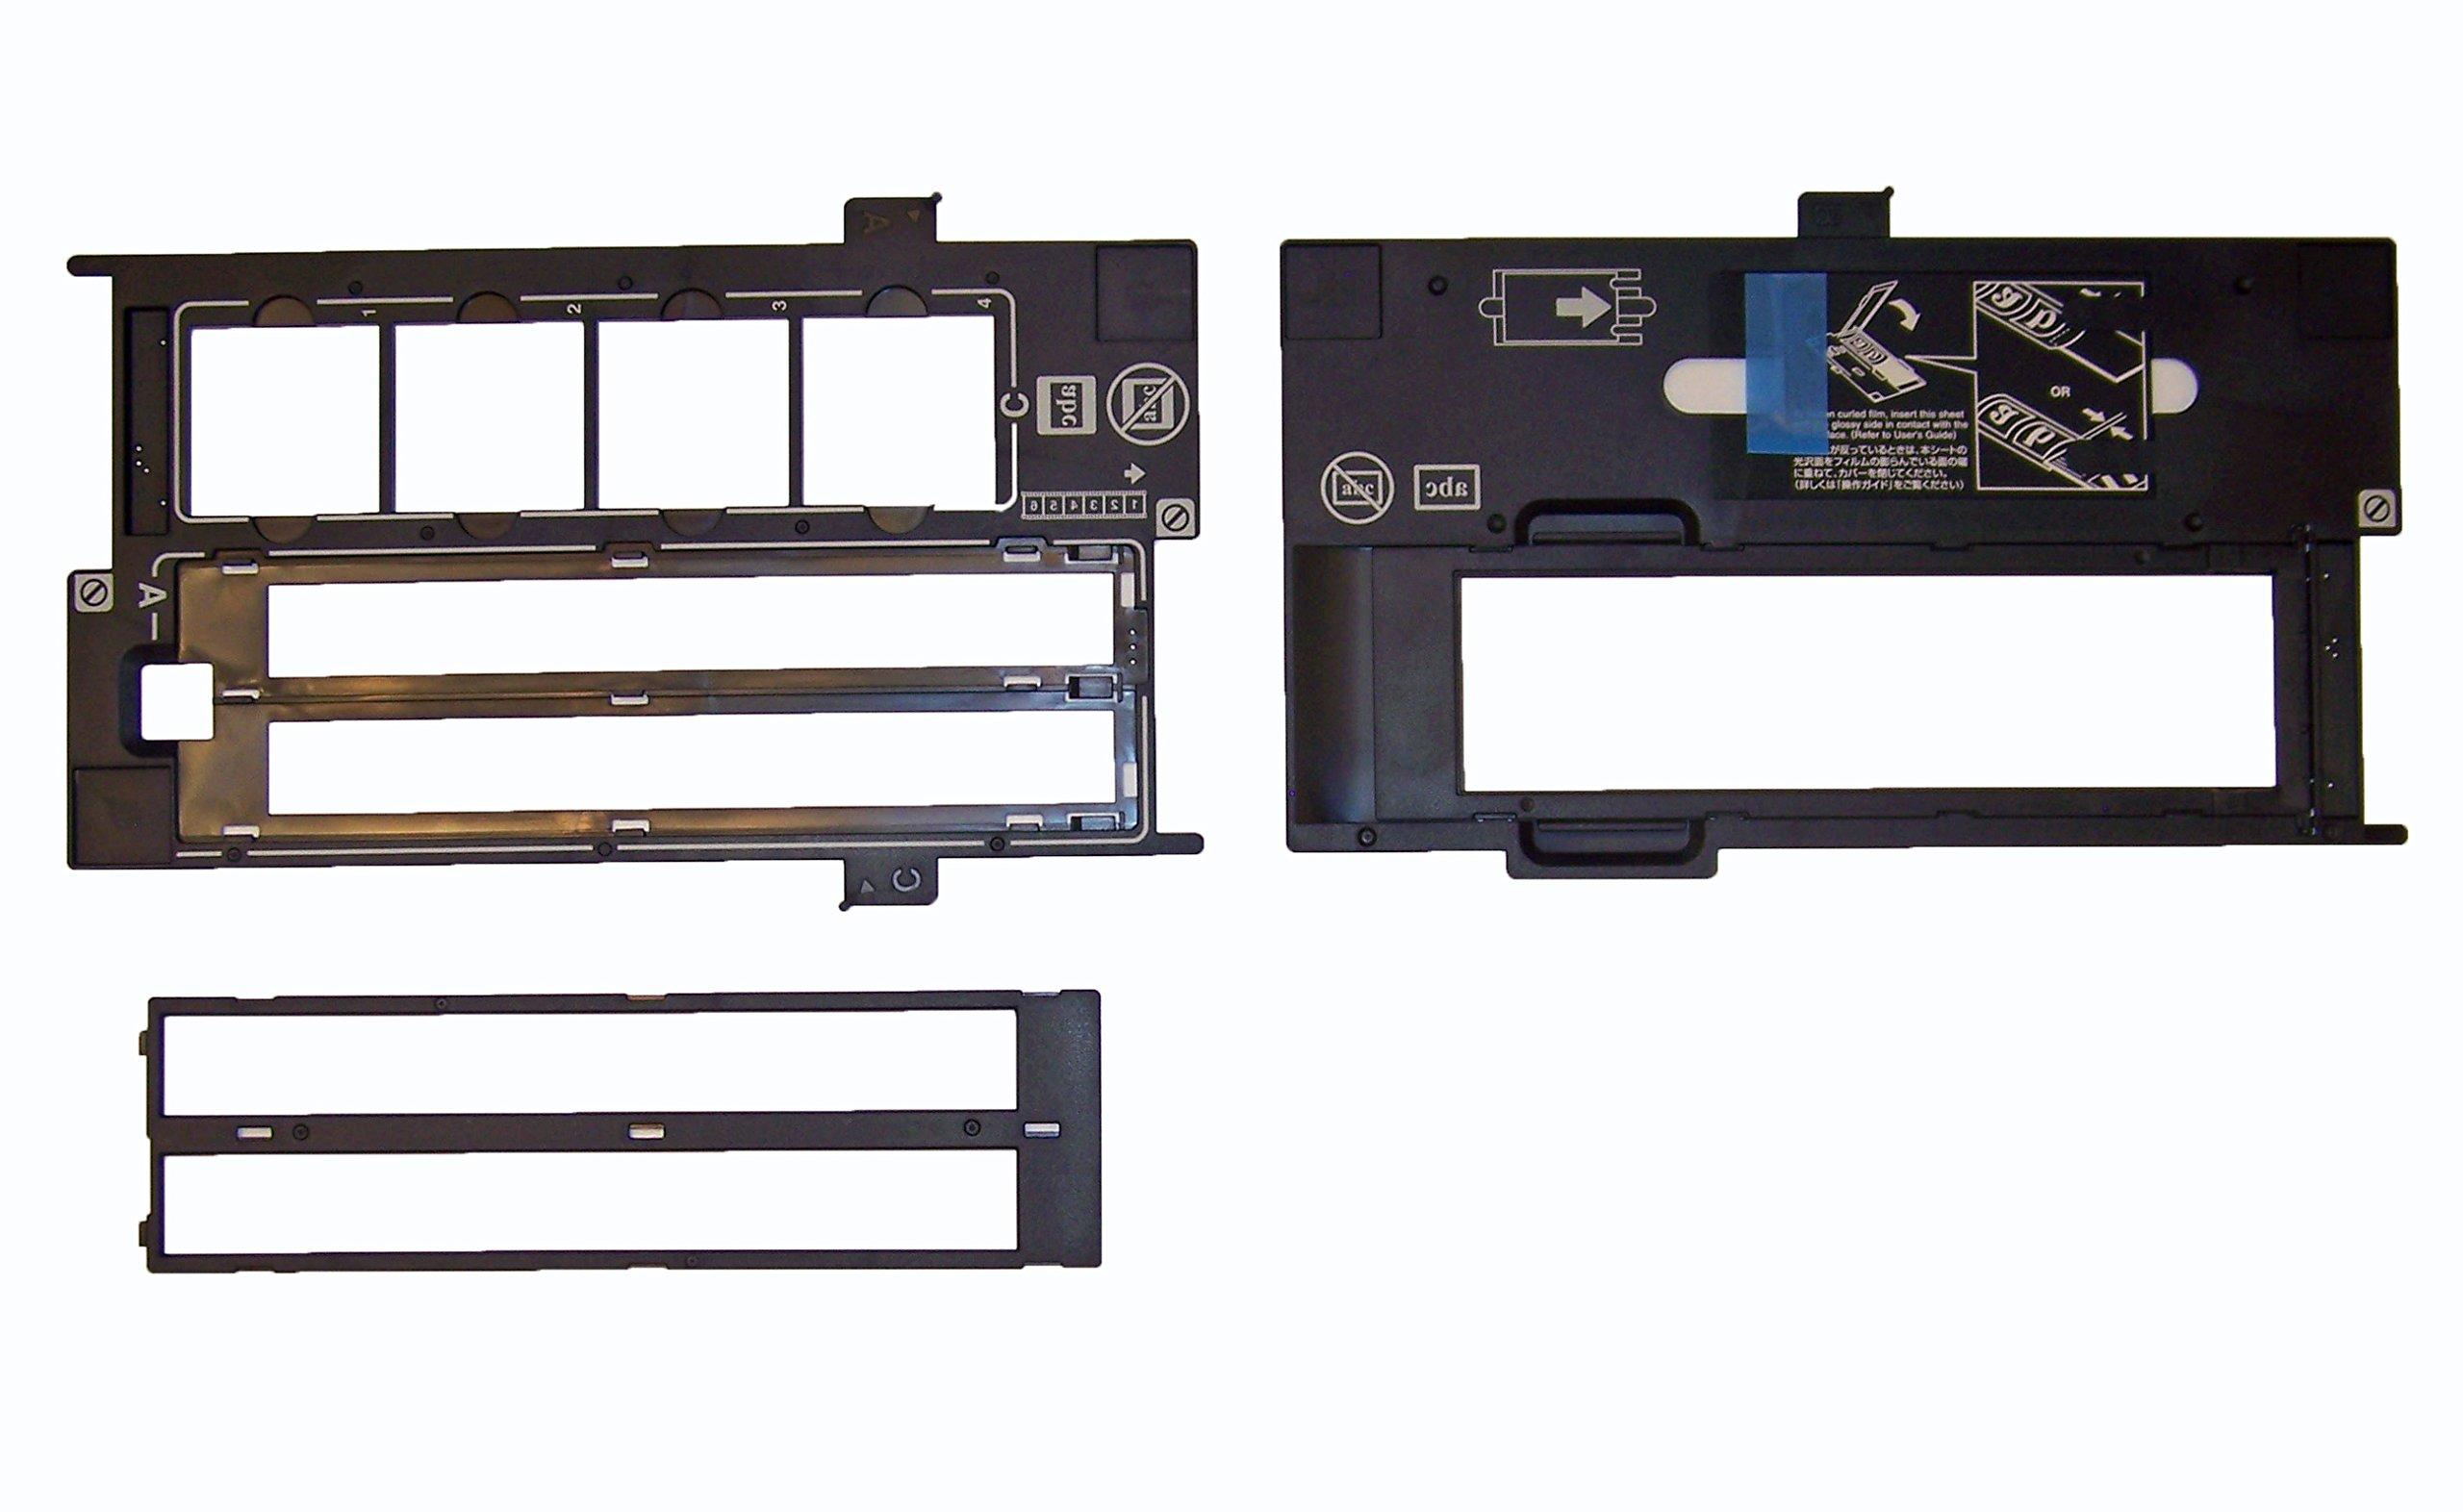 Epson Perfection V600 - BUNDLE - 35mm Negative Holder , Slide Holder & 120, 220, 620 Holder - Film Guide by Epson (Image #1)